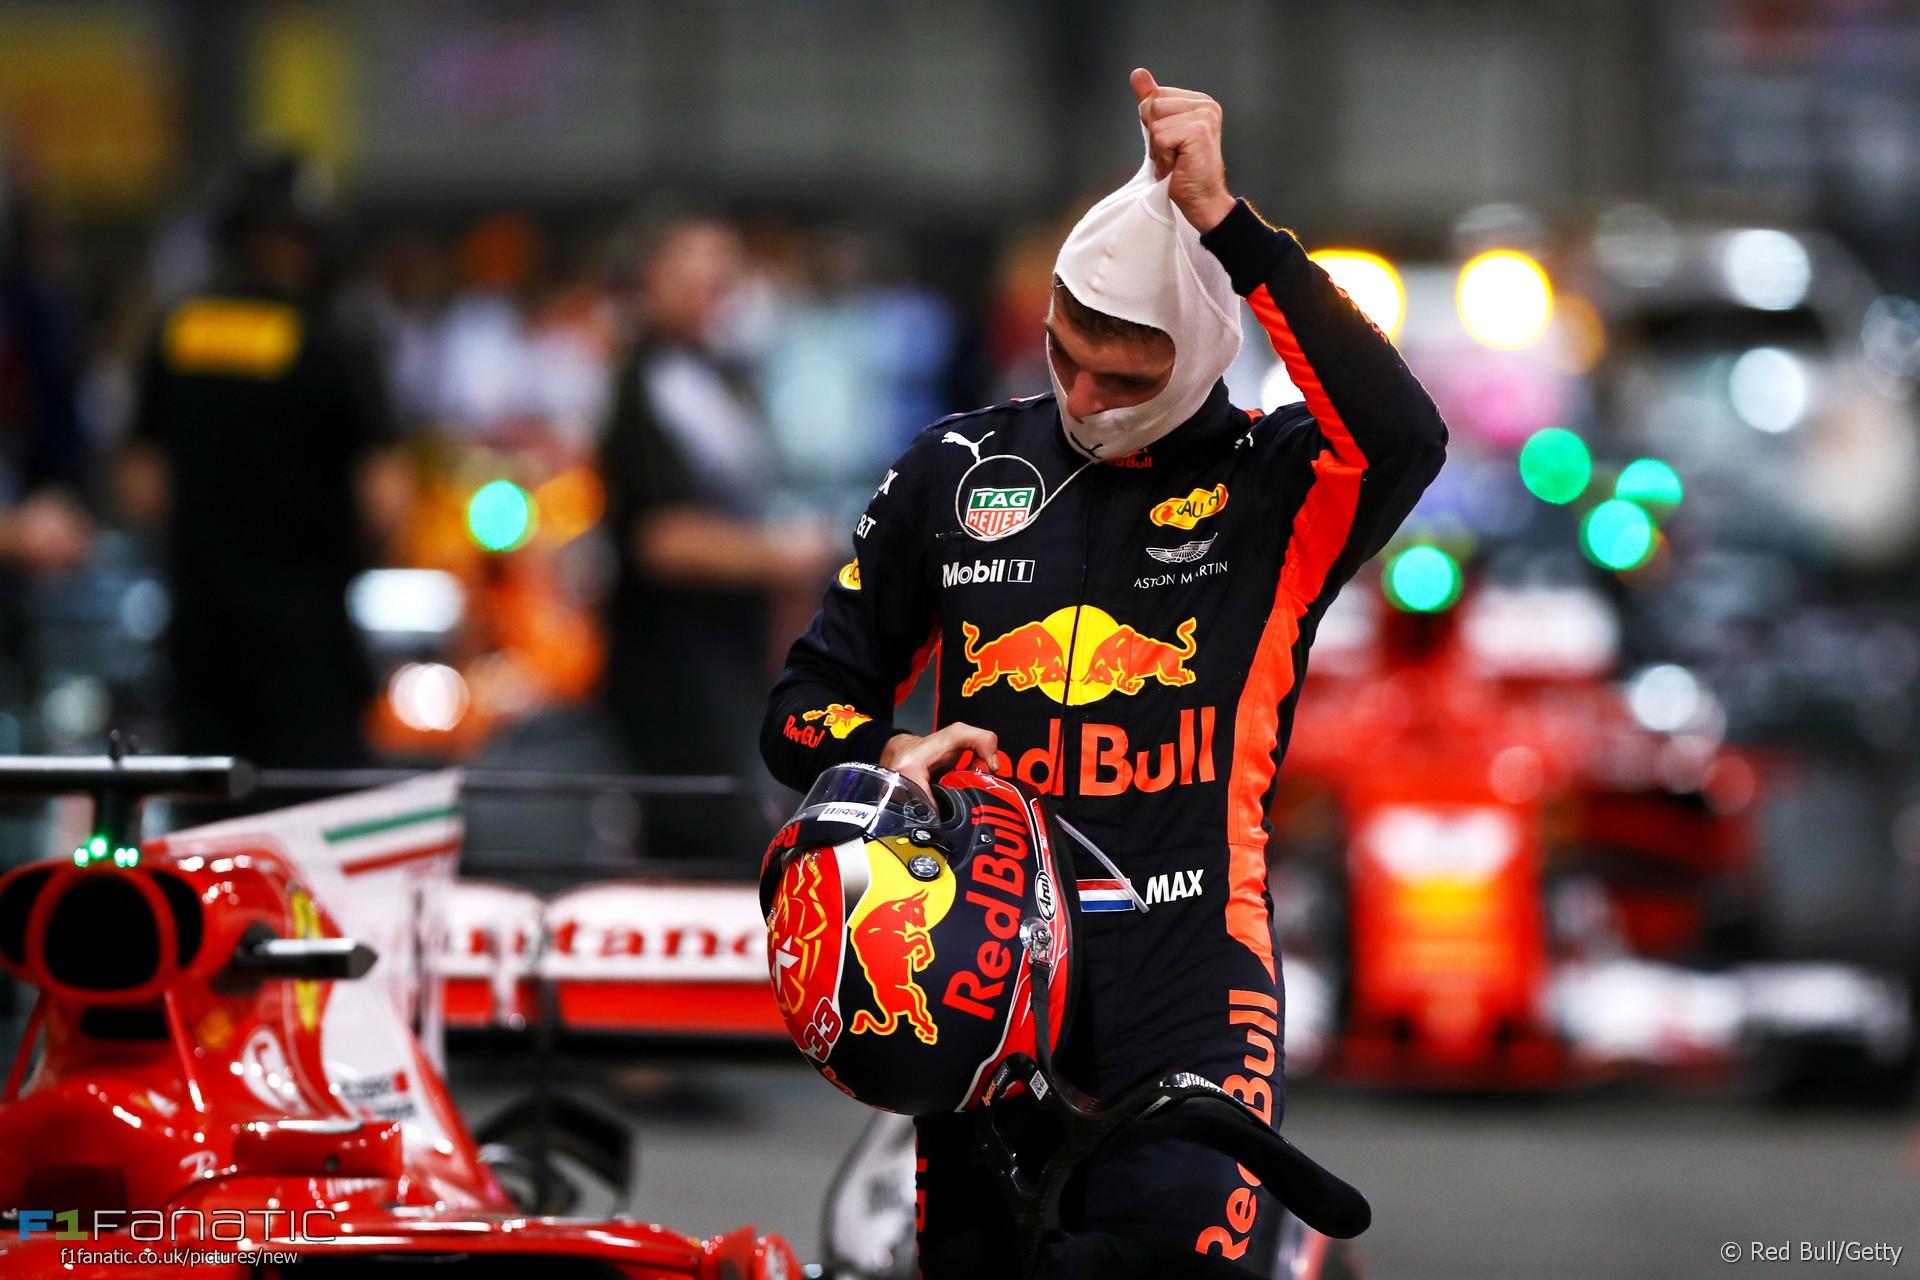 Max Verstappen, Red Bull, Yas Marina, 2017